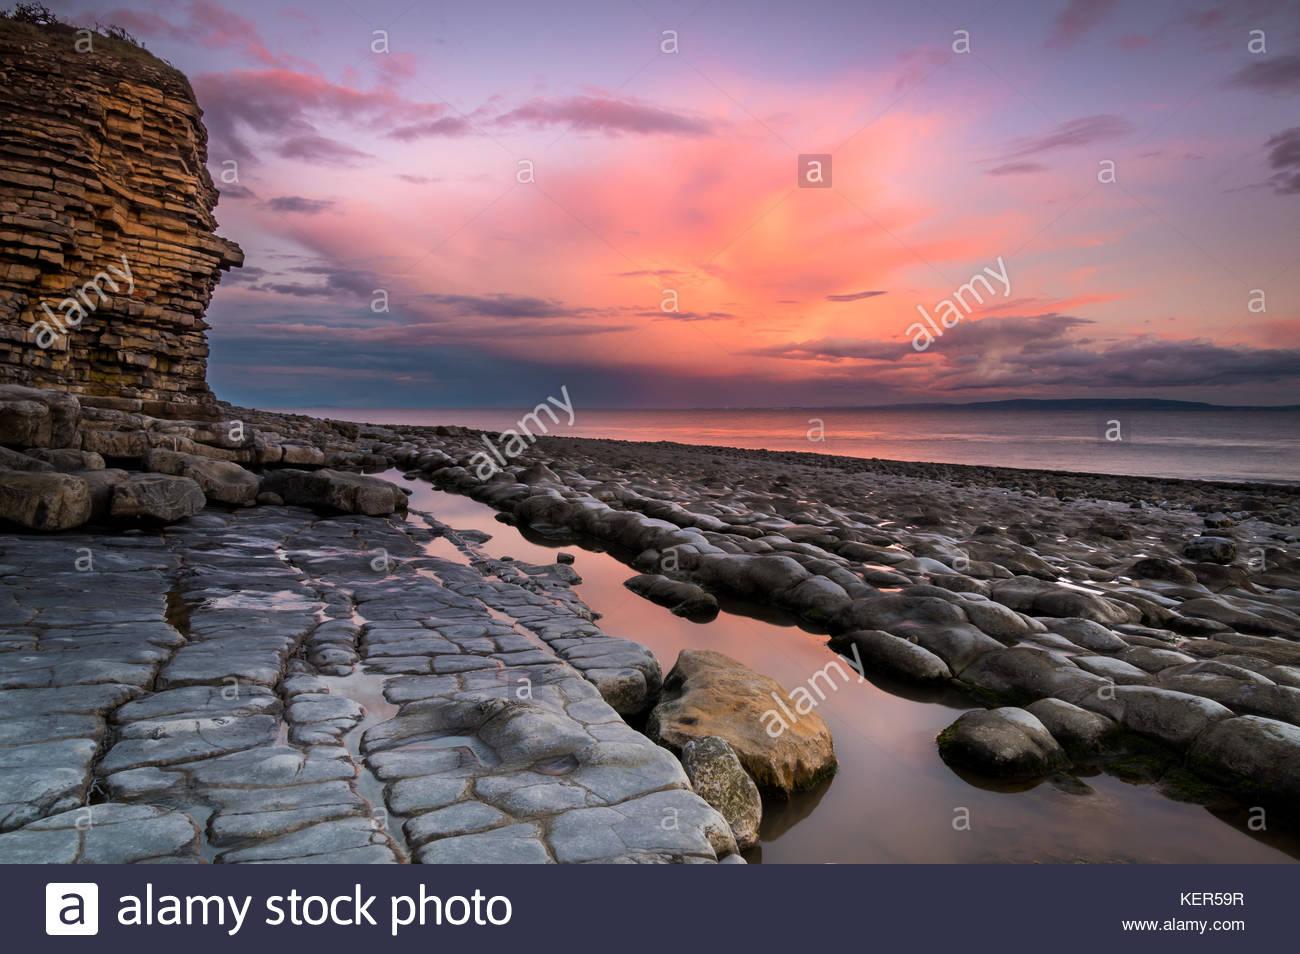 Magnifique coucher de soleil seascape photographie prise à la heritage coast, point rhoose, vallée de Photo Stock